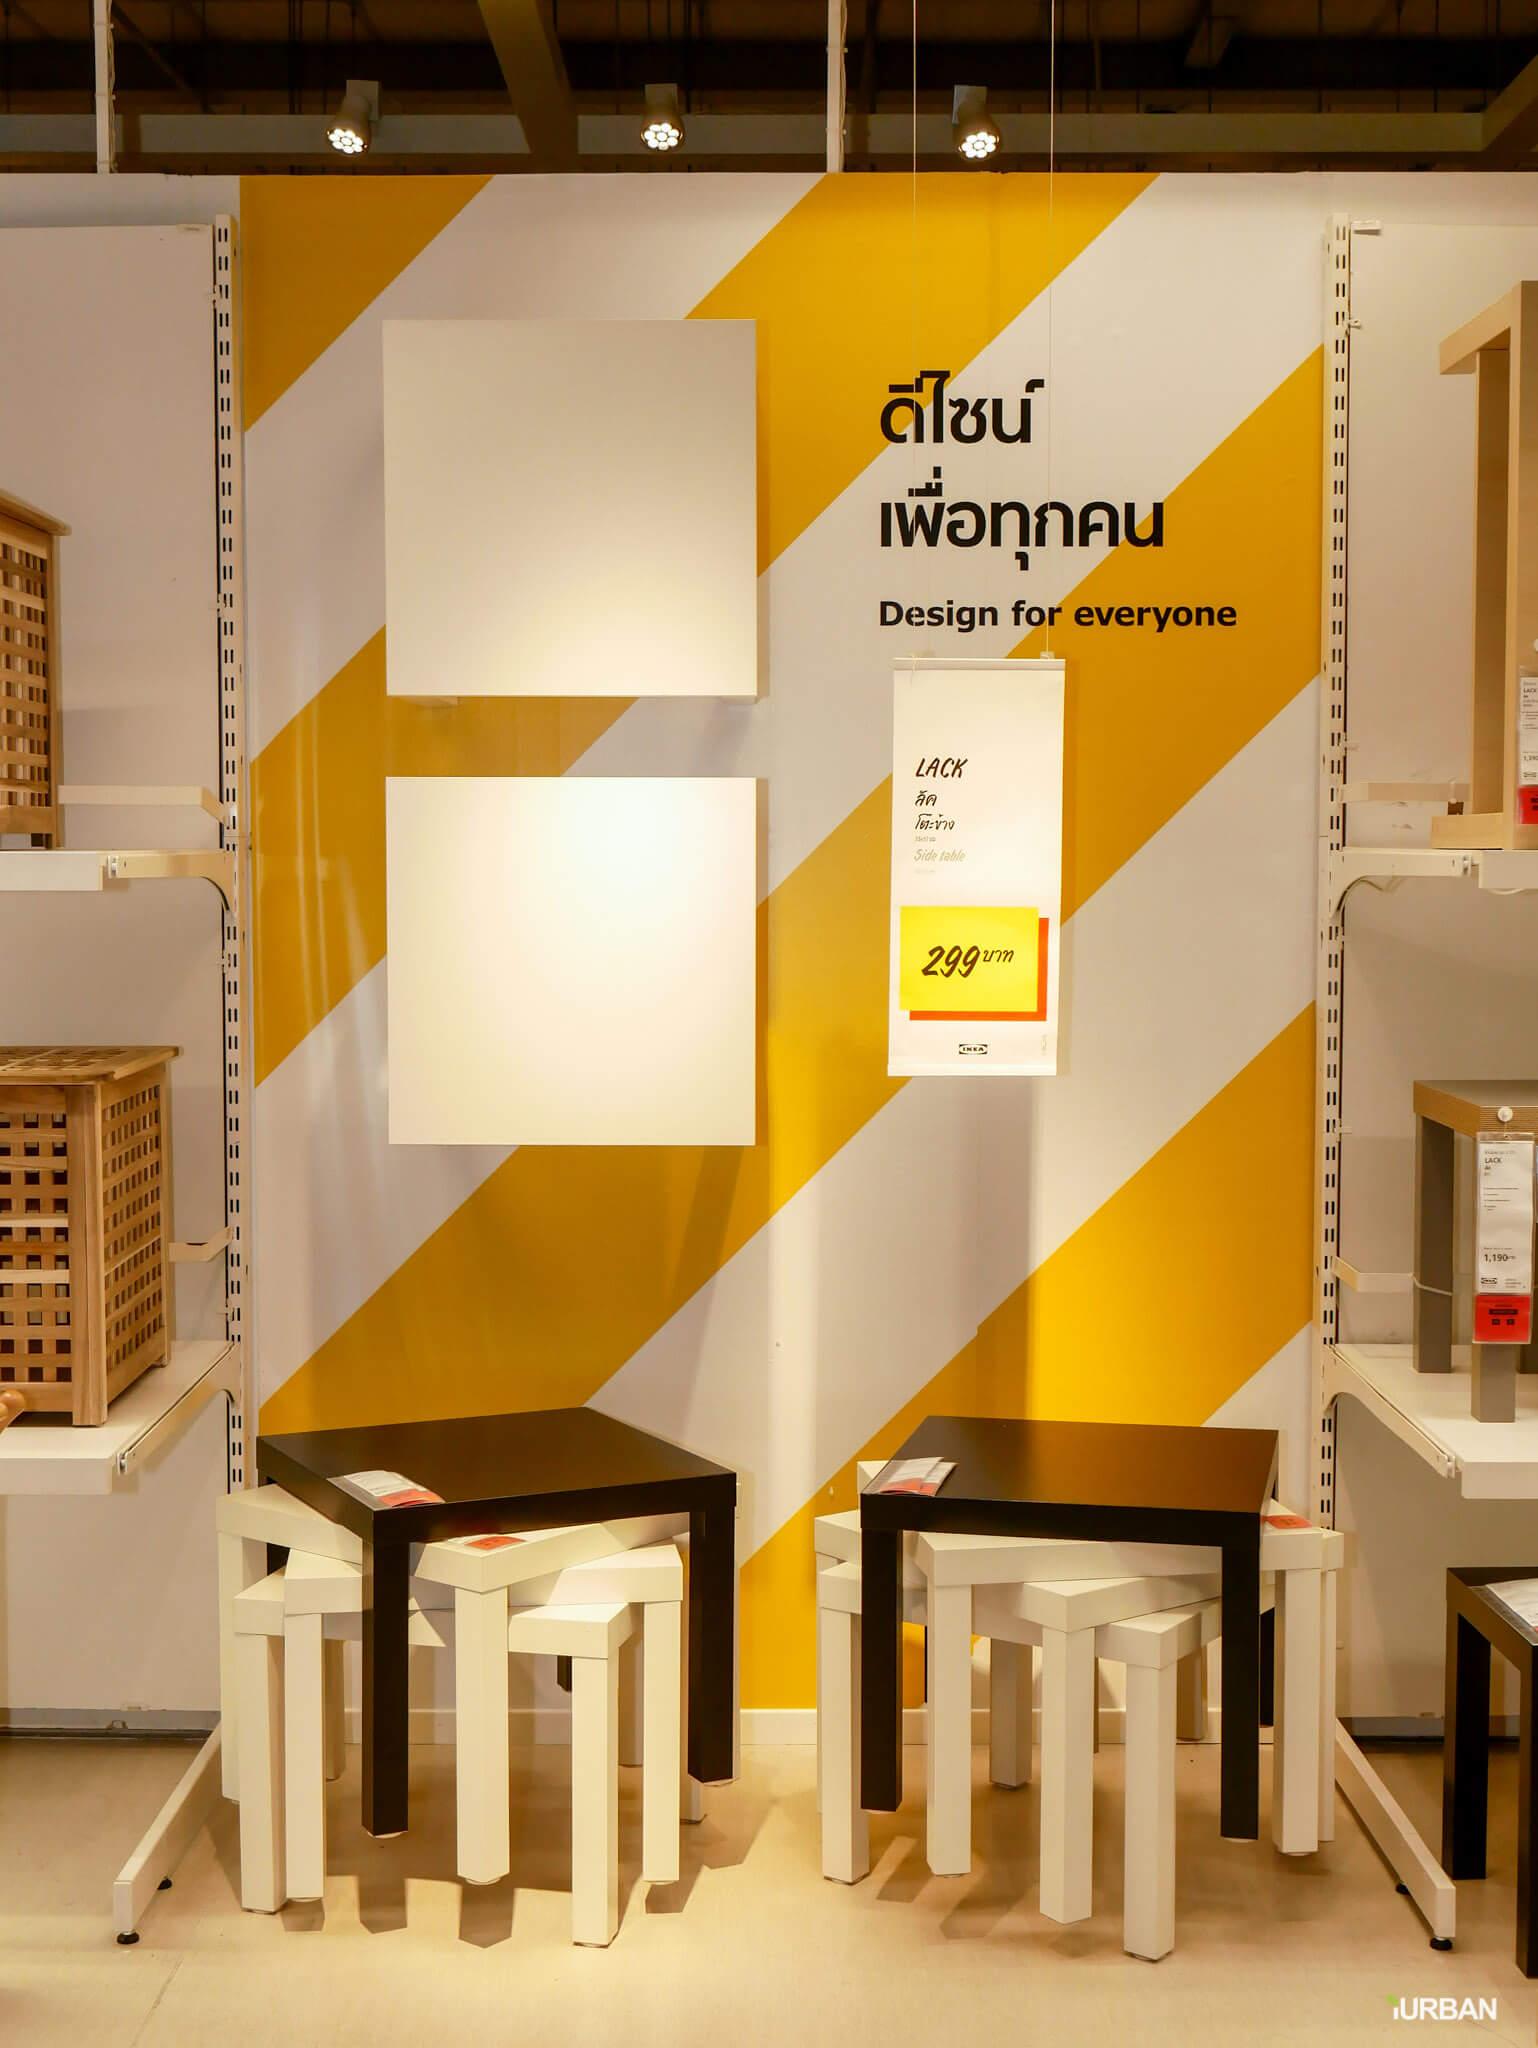 มันเยอะมากกกก!! IKEA Year End SALE 2017 รวมของเซลในอิเกีย ลดเยอะ ลดแหลก รีบพุ่งตัวไป วันนี้ - 7 มกราคม 61 29 - IKEA (อิเกีย)